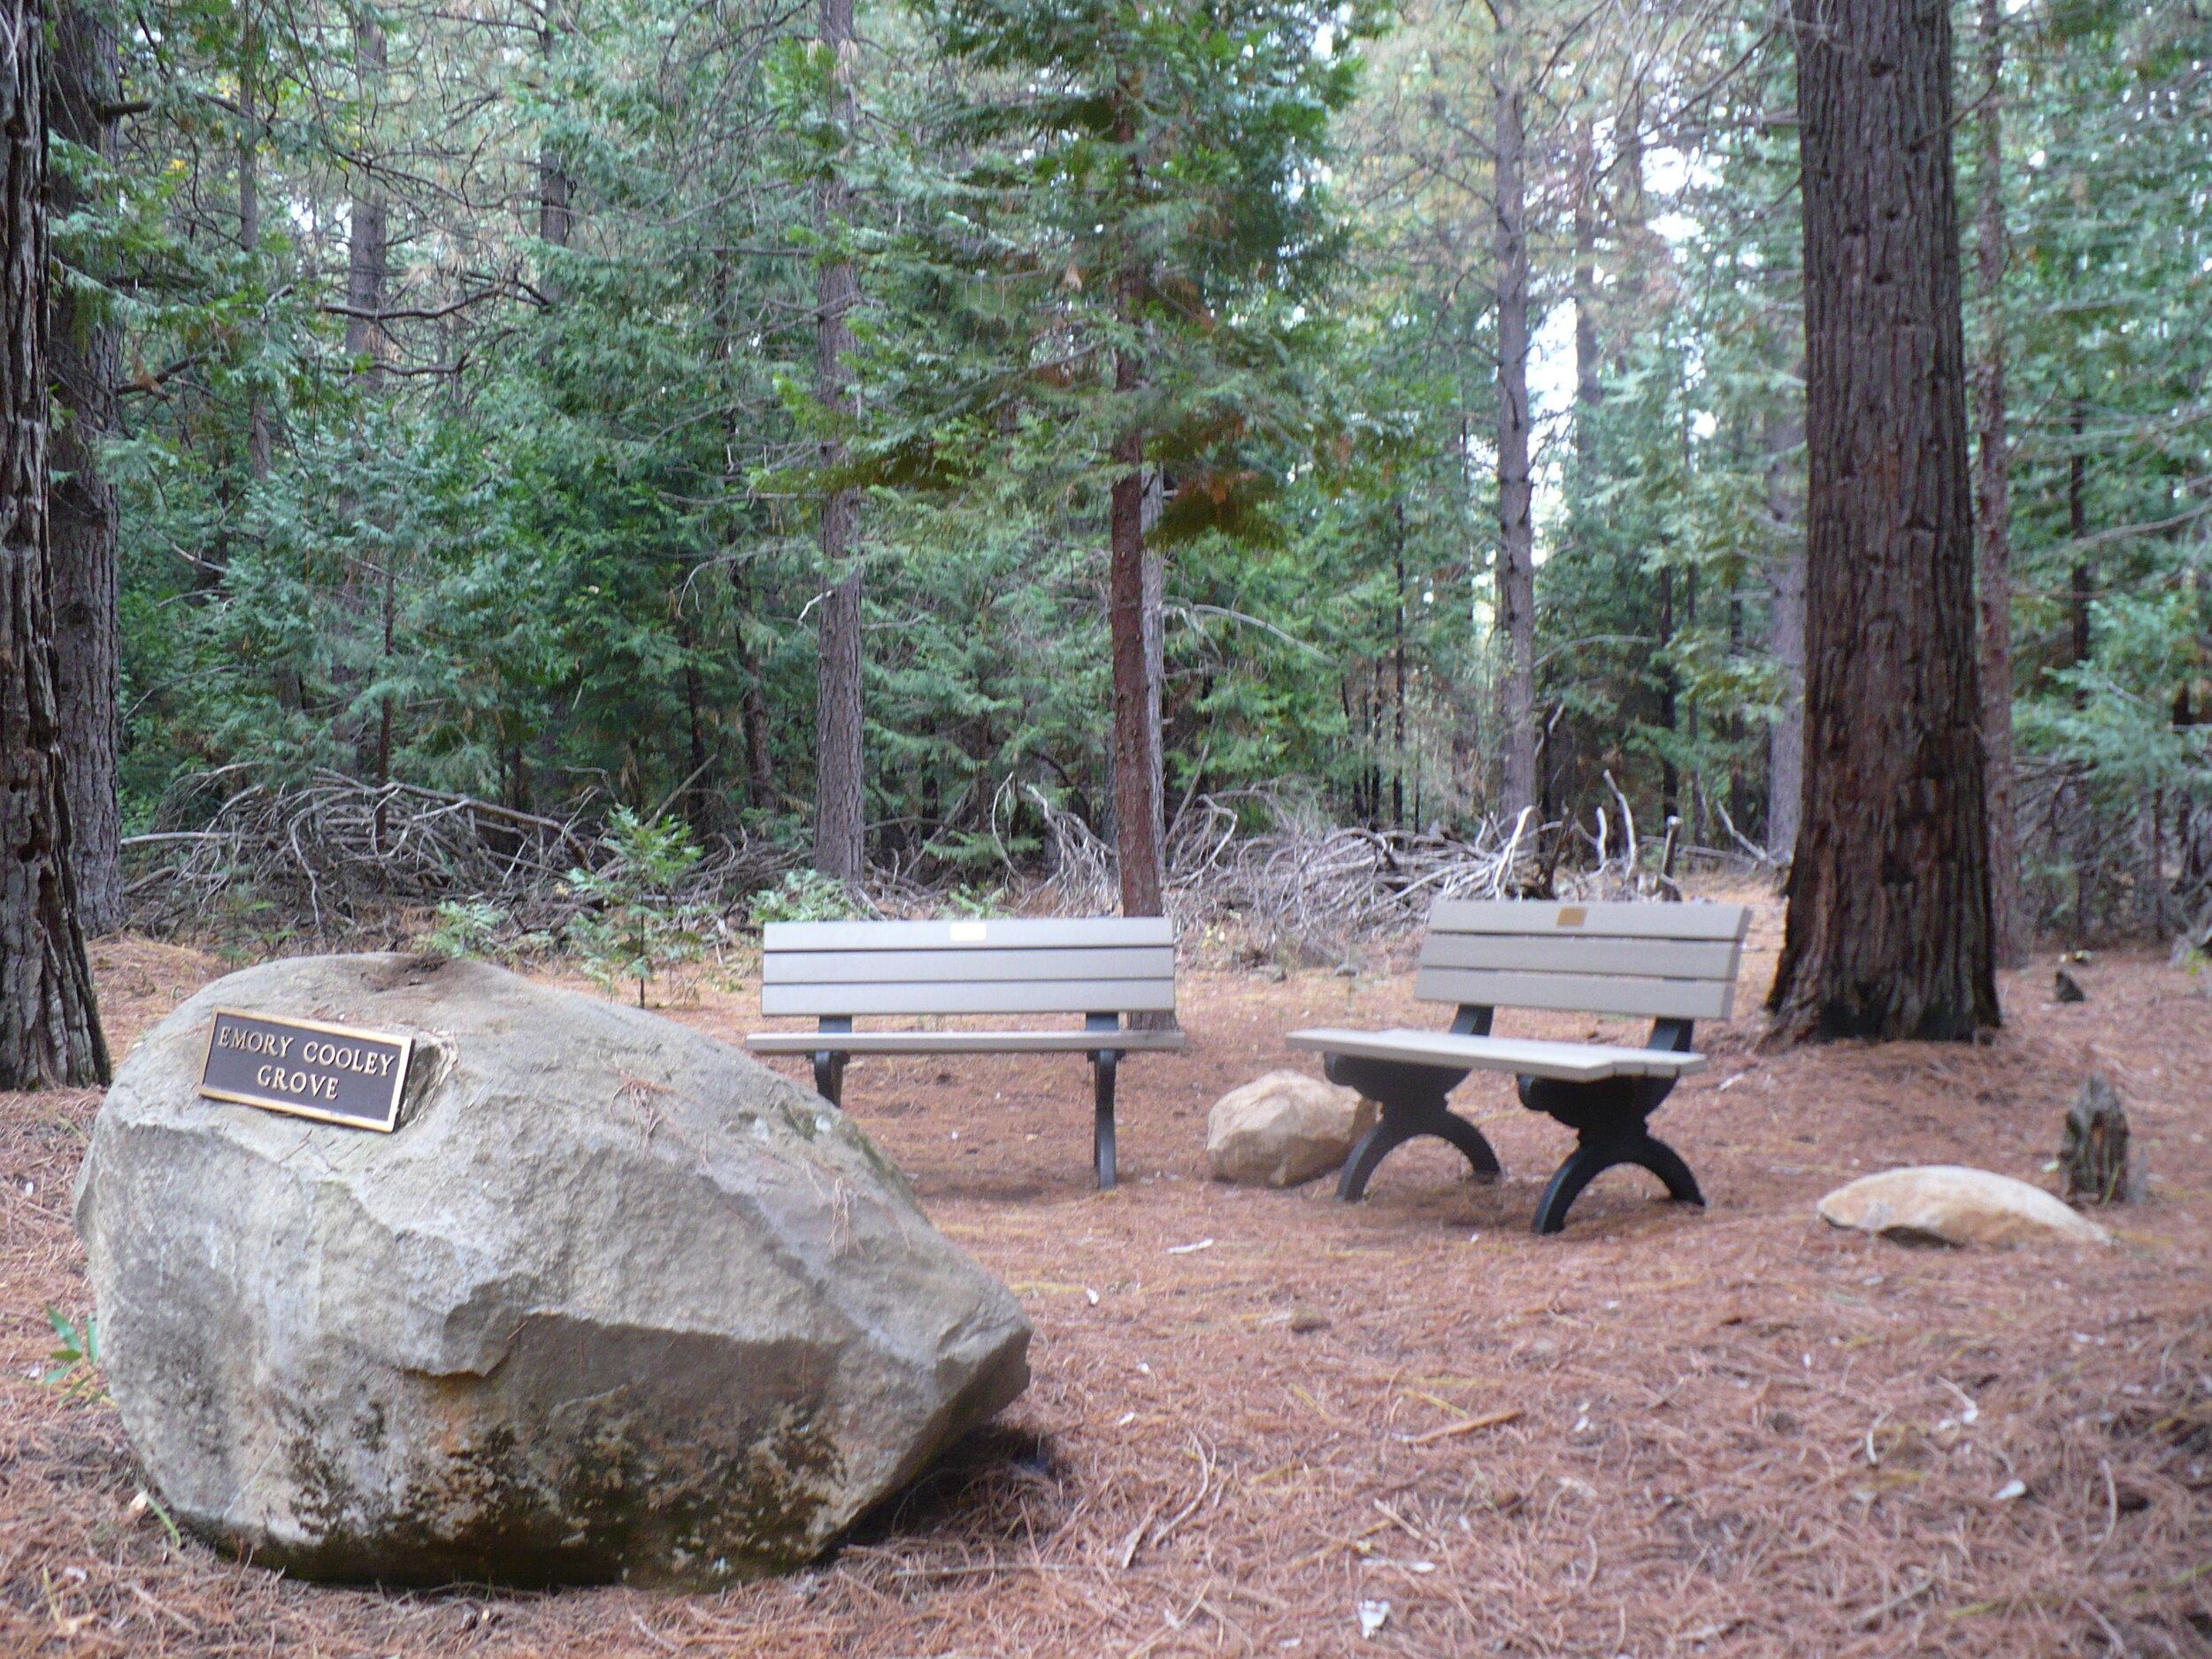 Informal seating areas